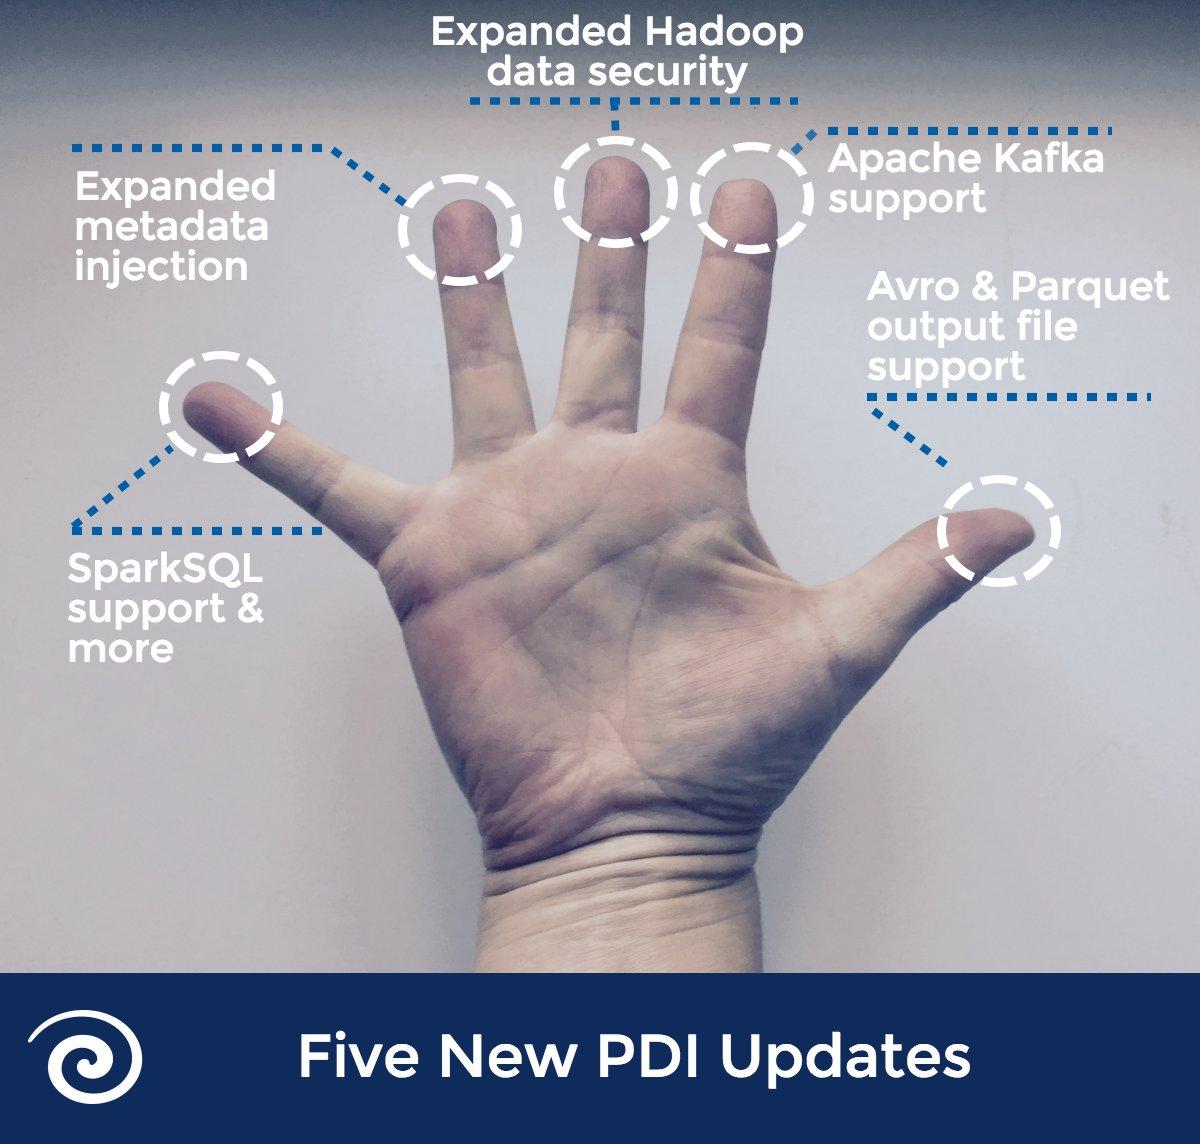 Announcing 5 new enhancements for Pentaho Data Integration! Click here for more: https://t.co/0HdO4eePSg https://t.co/hxlBfkc8Jl